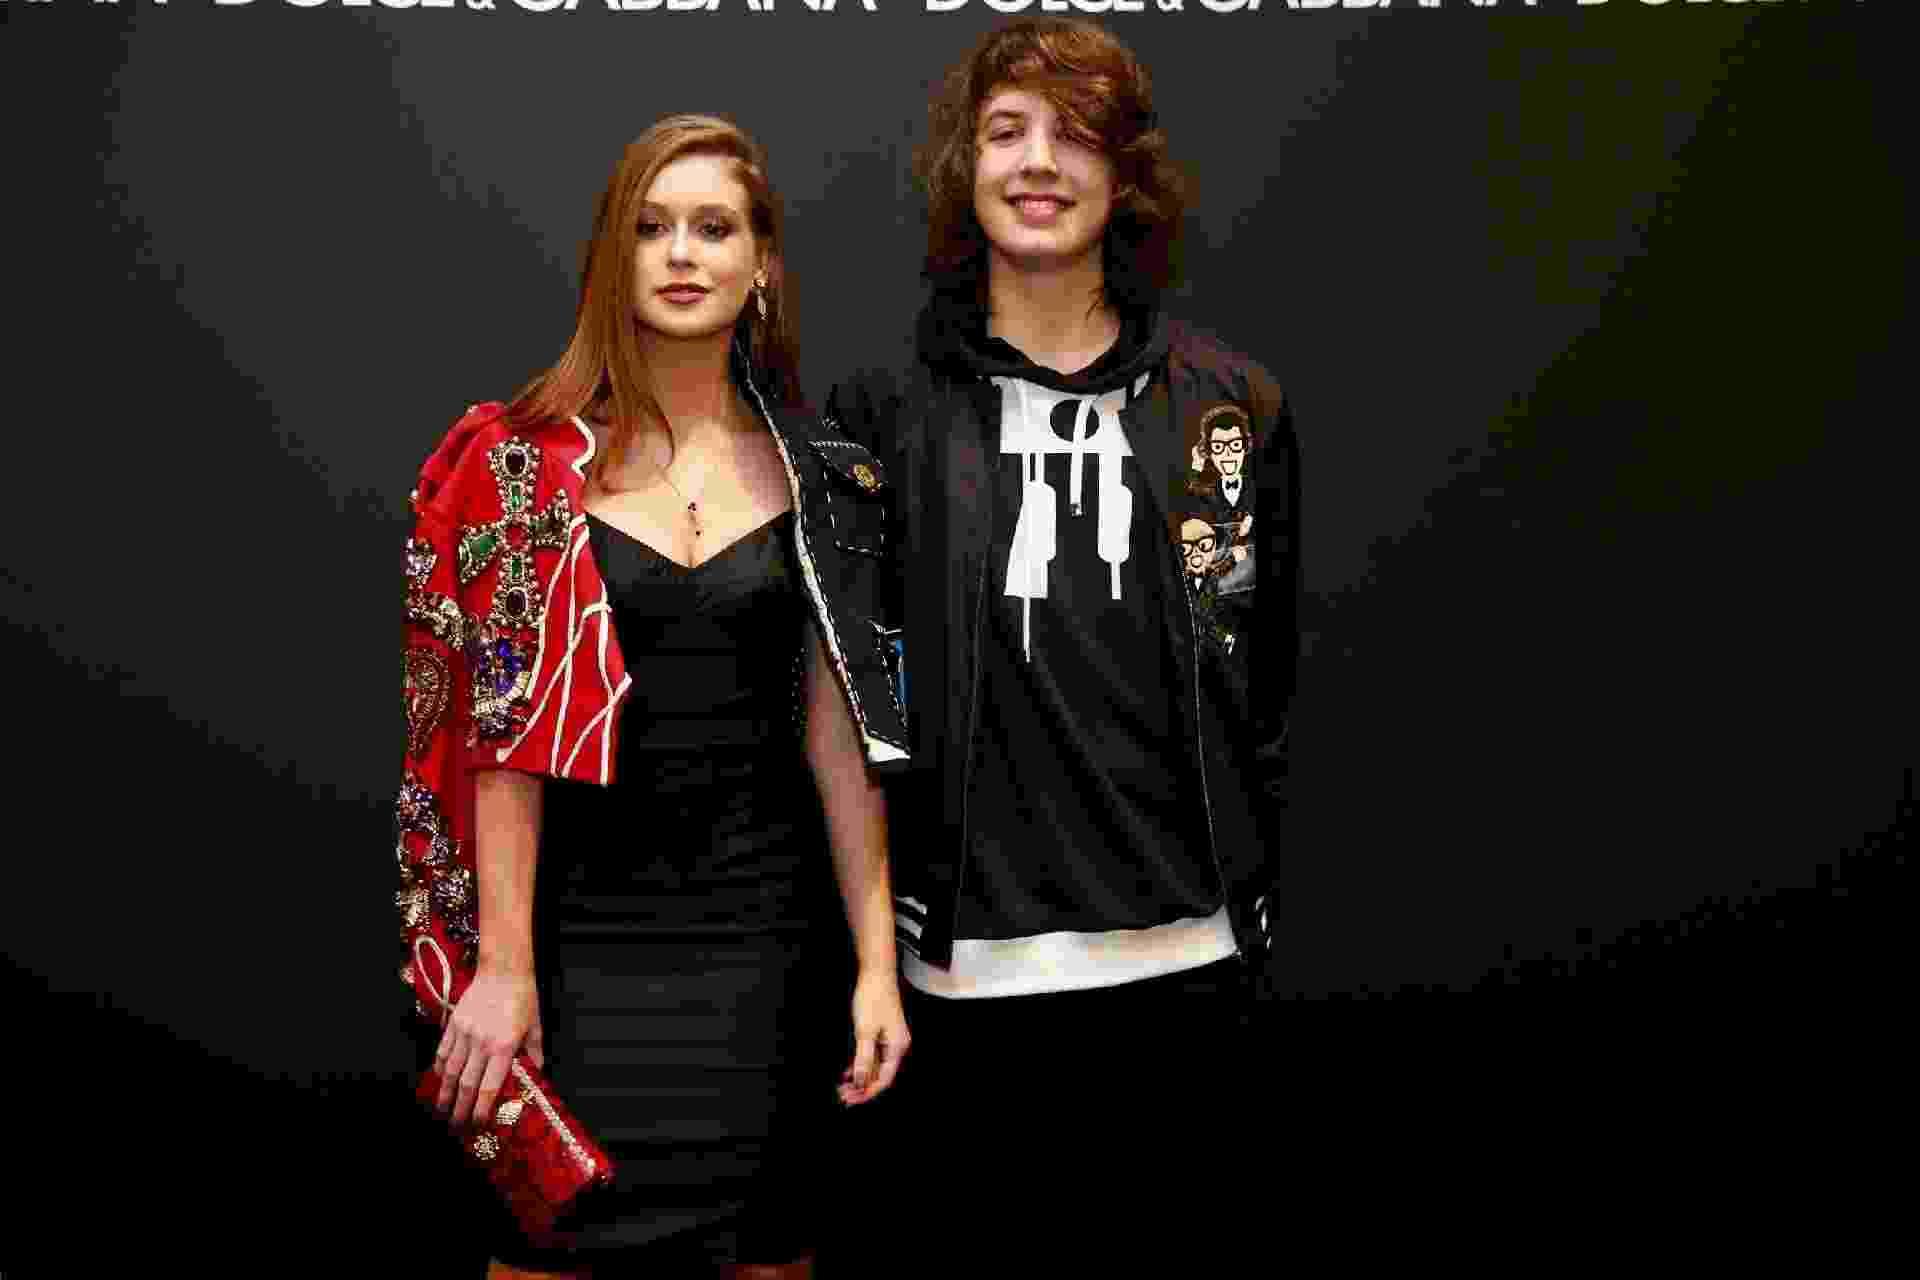 Marina Ruy Barbosa e Lucas Jagger, filho de Mick Jagger com a apresentadora Luciana Gimenez, se encontraram em um evento da grife italiana Dolce & Gabbana realizado em um shopping de São Paulo. Os dois posaram juntos para fotos - Manuela Scarpa/Brazil News